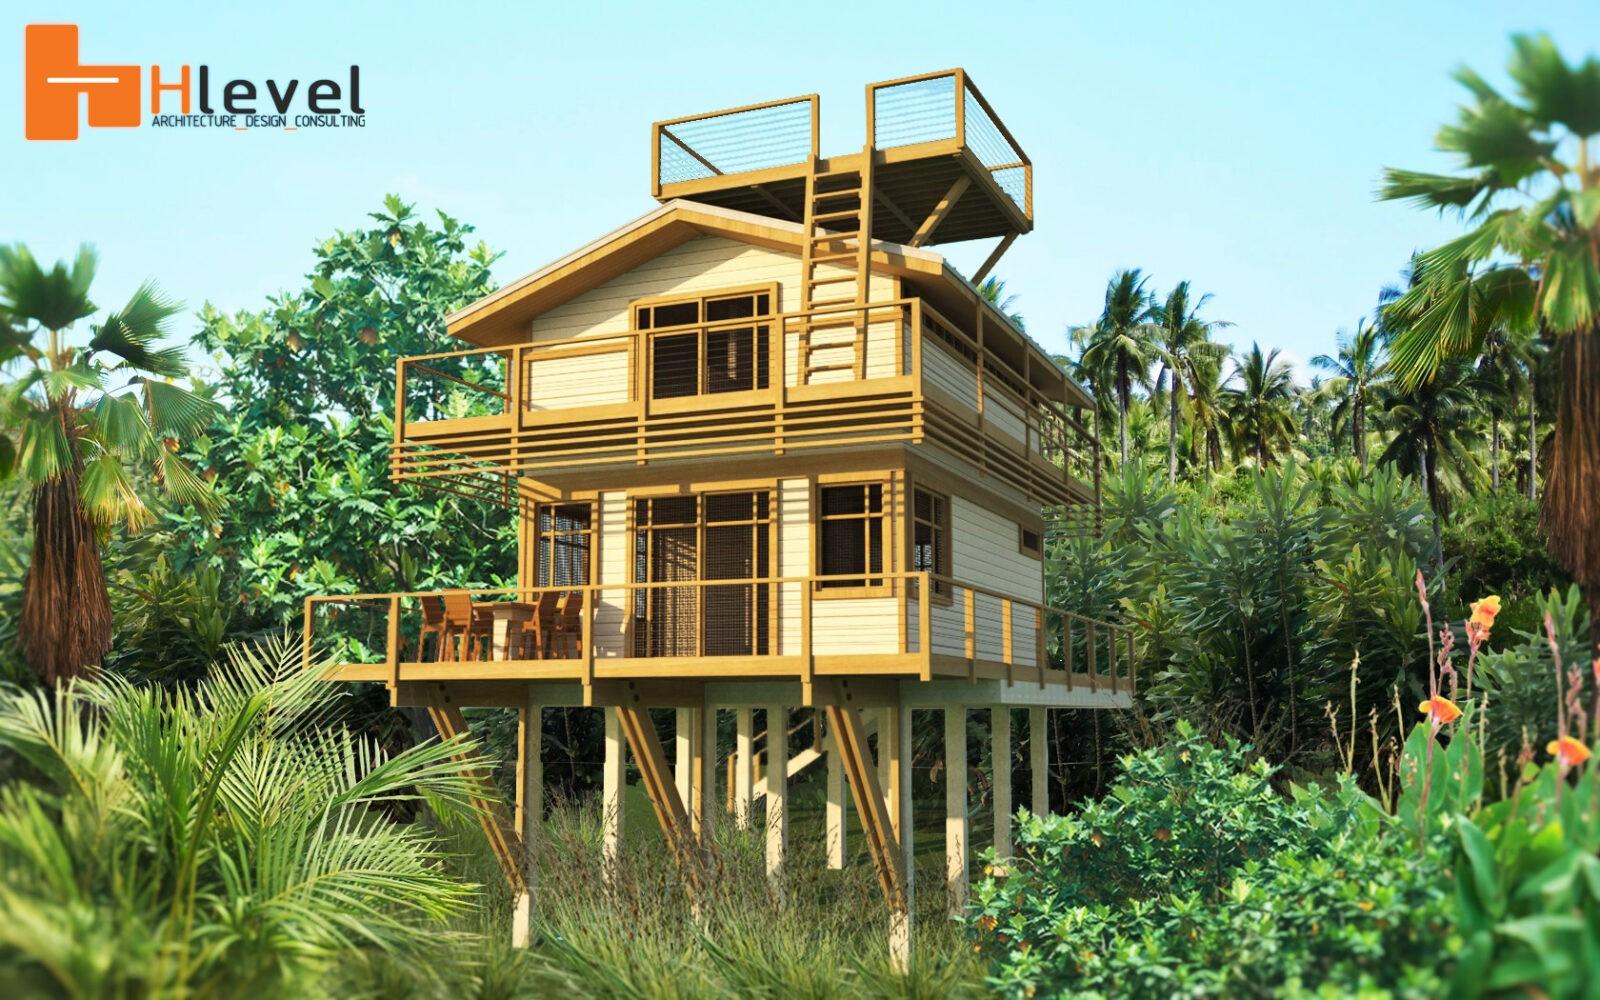 PANAMA HOME HLEVEL ARCHITECTS